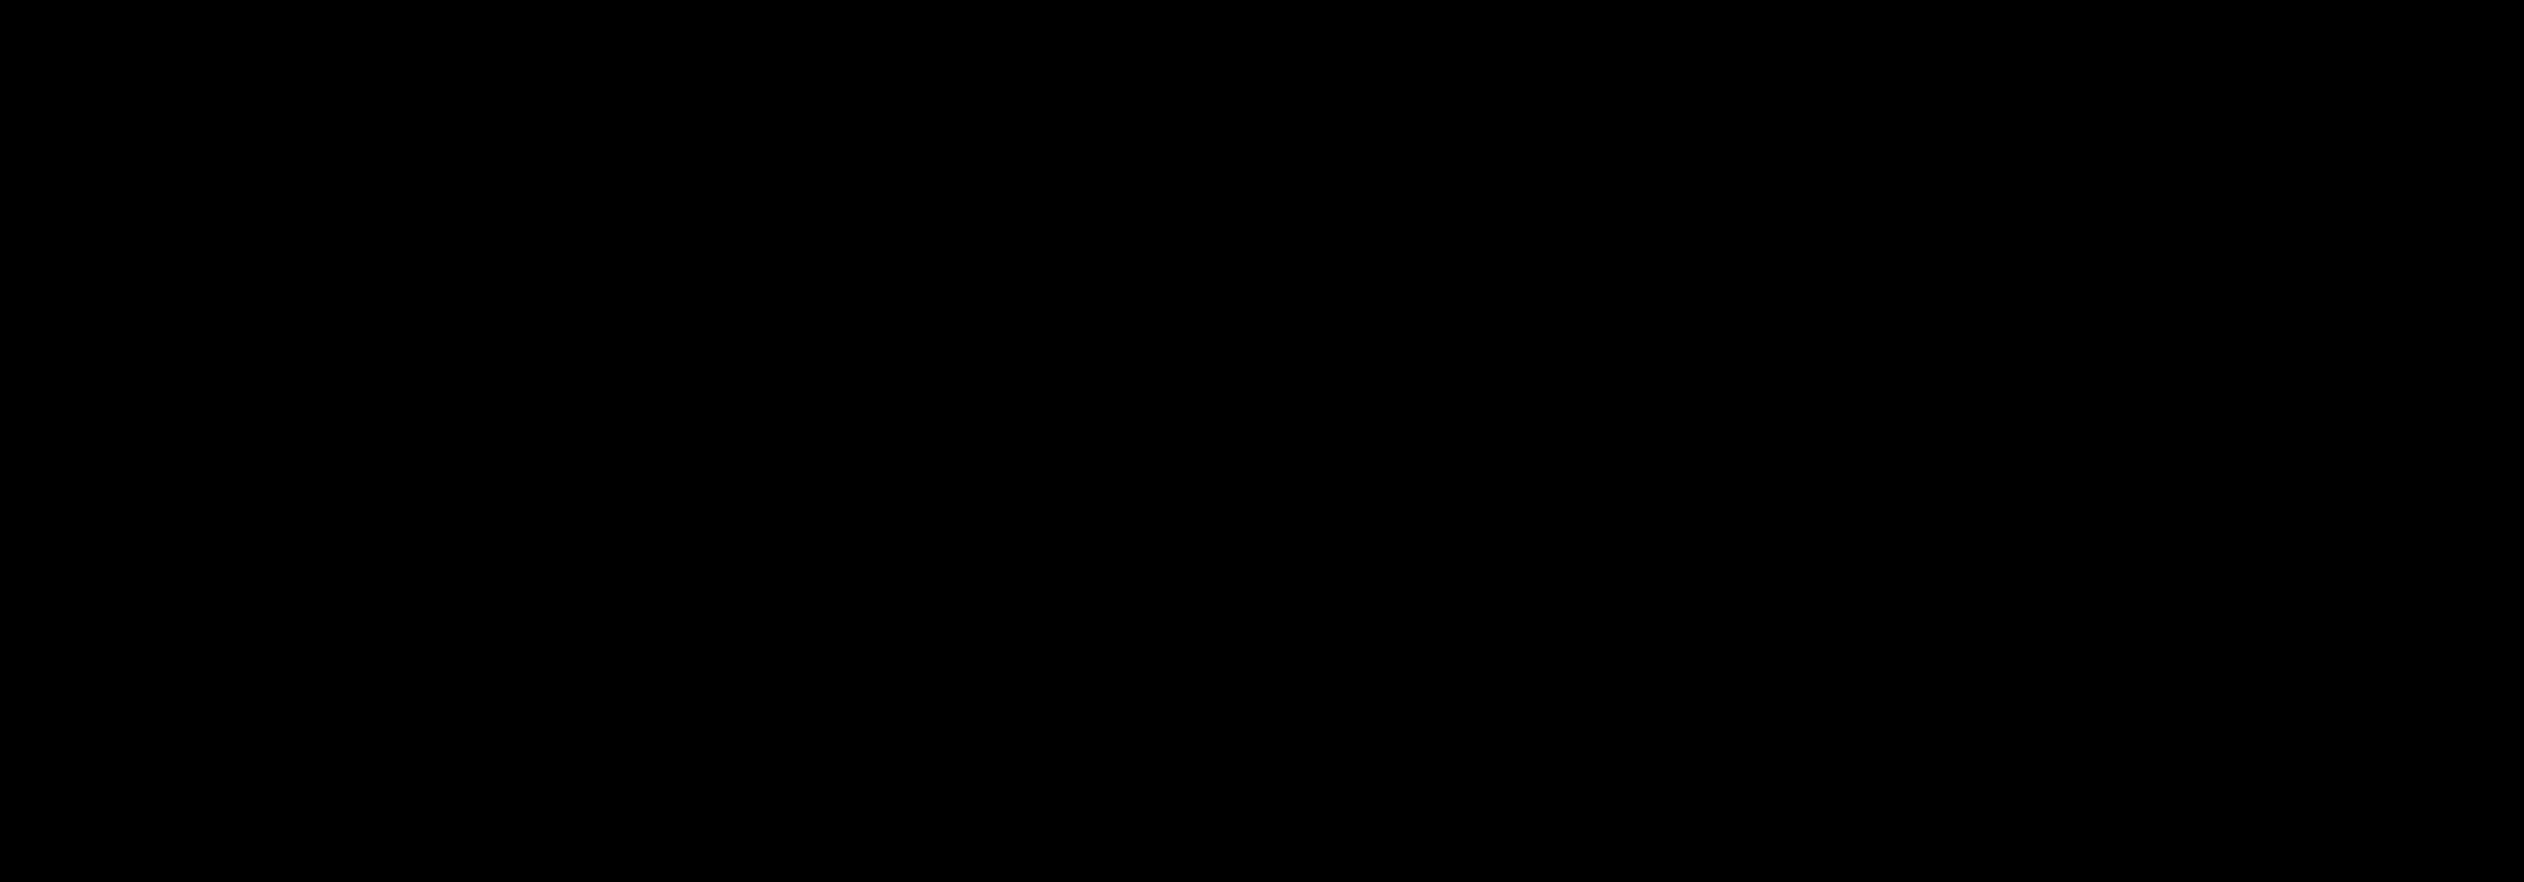 Rays Kits